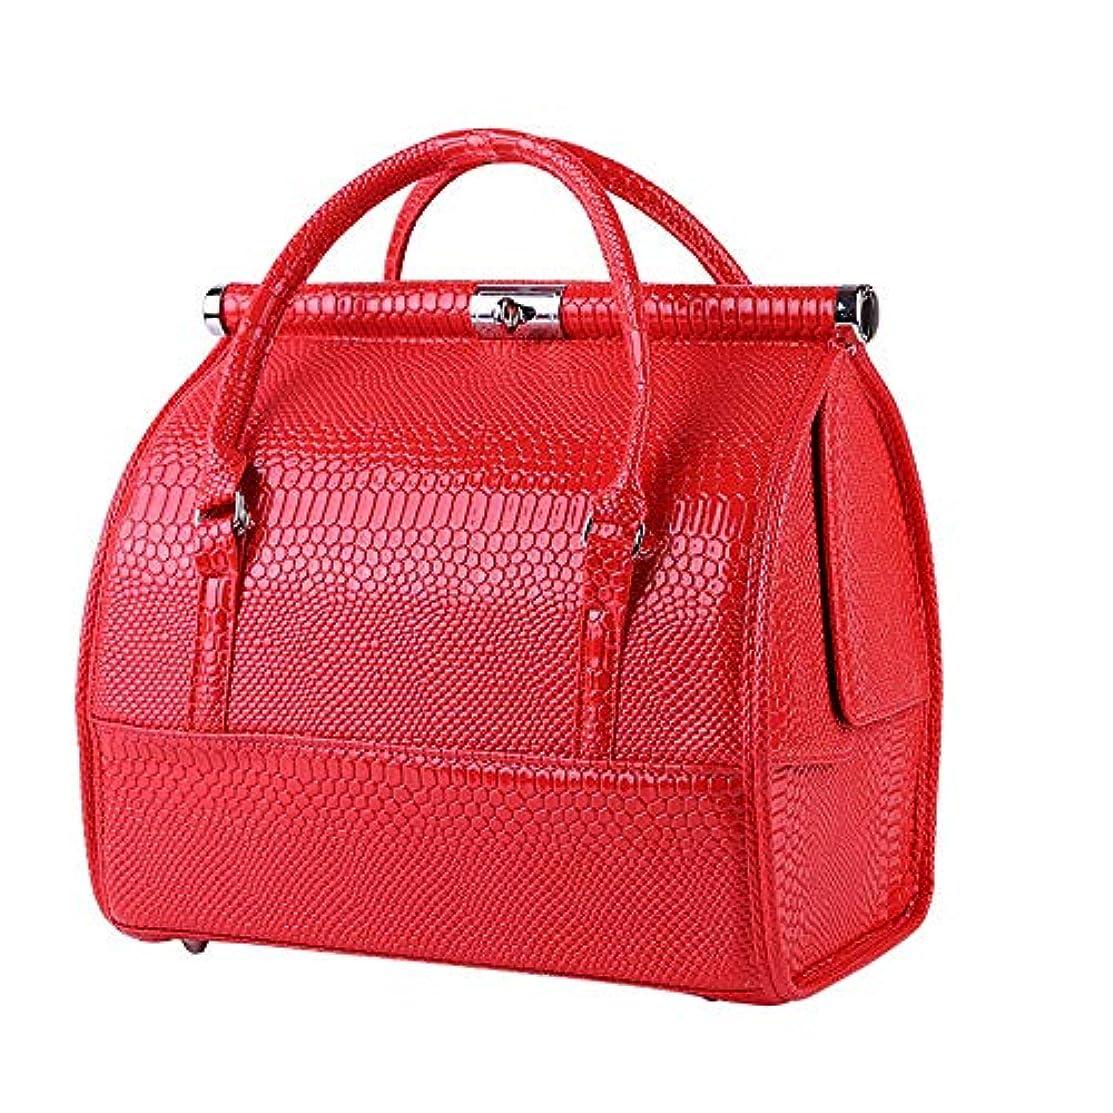 マトロン選ぶスペード化粧オーガナイザーバッグ 女性の女性のための美容メイクアップのためのポータブル化粧品バッグ旅行と折り畳みトレイで毎日のストレージ 化粧品ケース